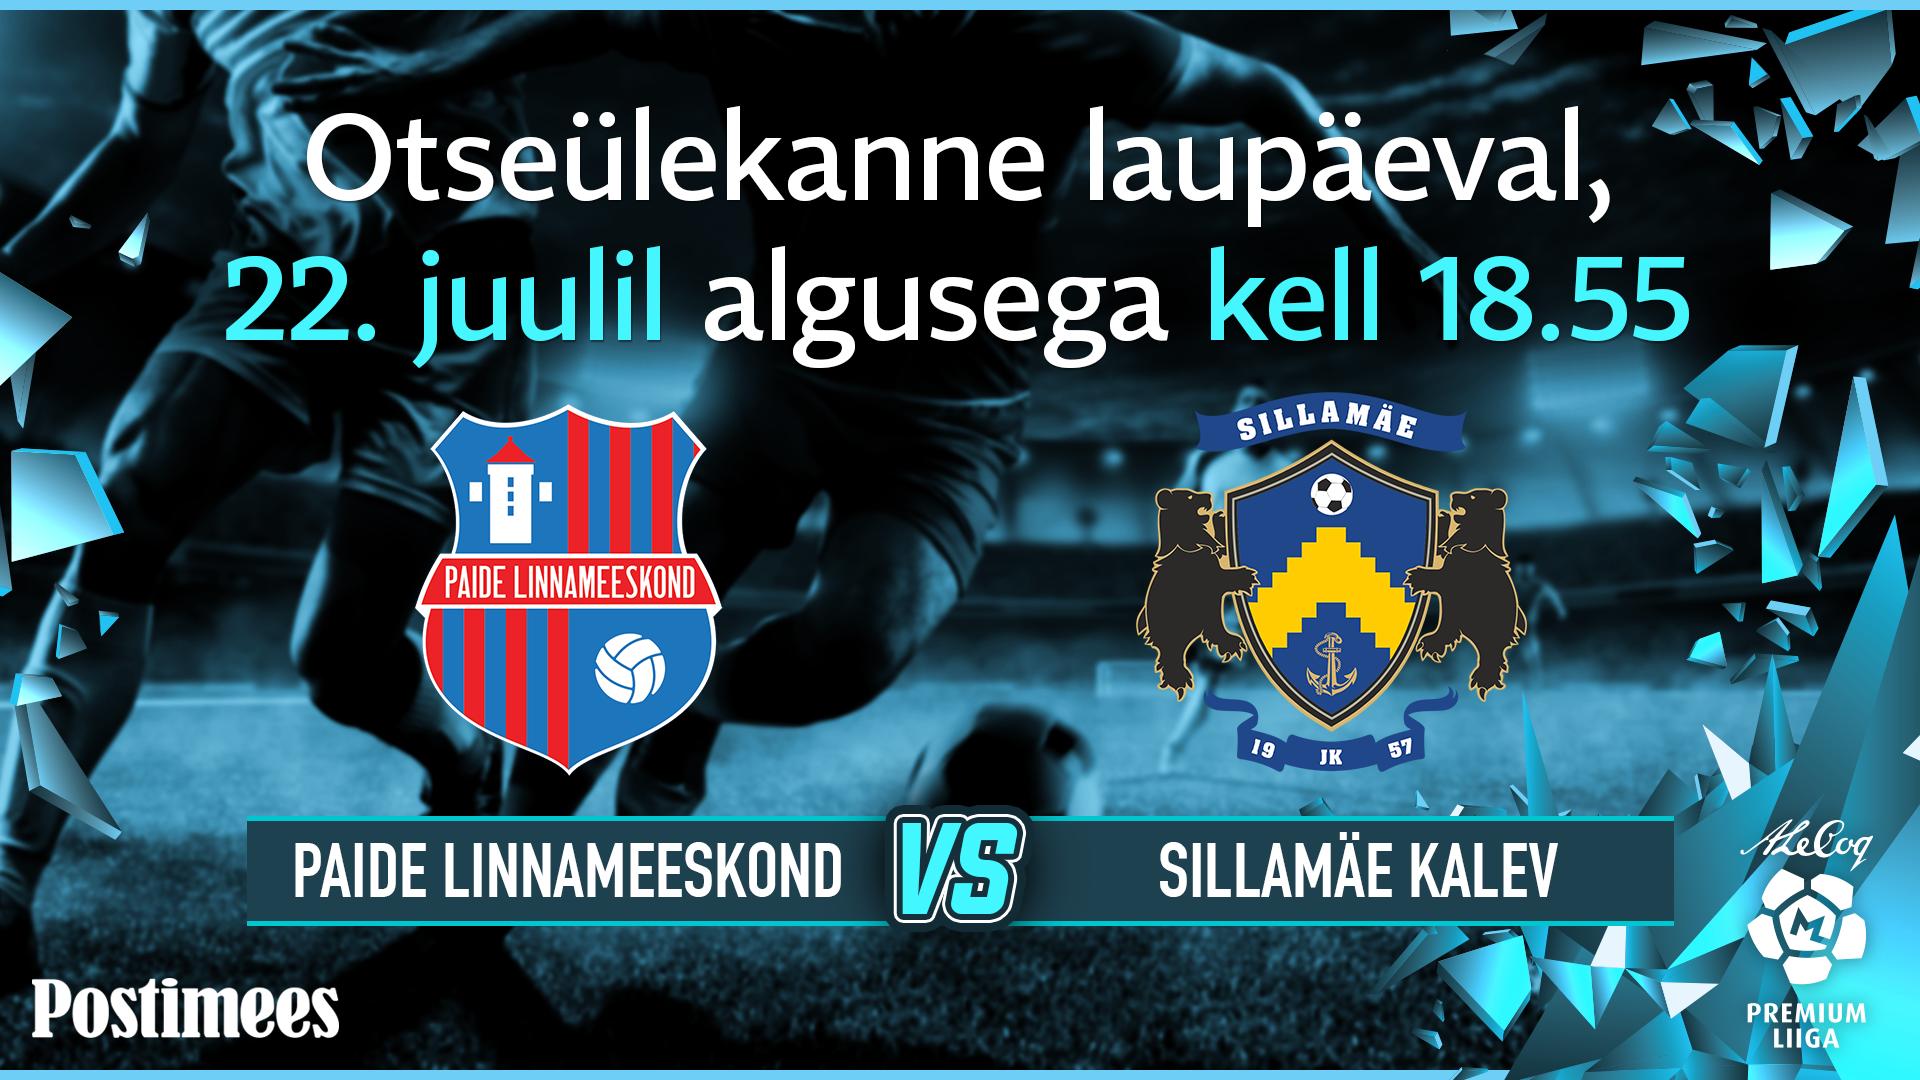 a332100b8f8 Tipphetked: Sillamäe sai võõral väljakul Paide üle selge võidu - Eesti  Premium liiga - Jalgpall - Postimees Sport: Värsked spordiuudised Eestist  ja ...